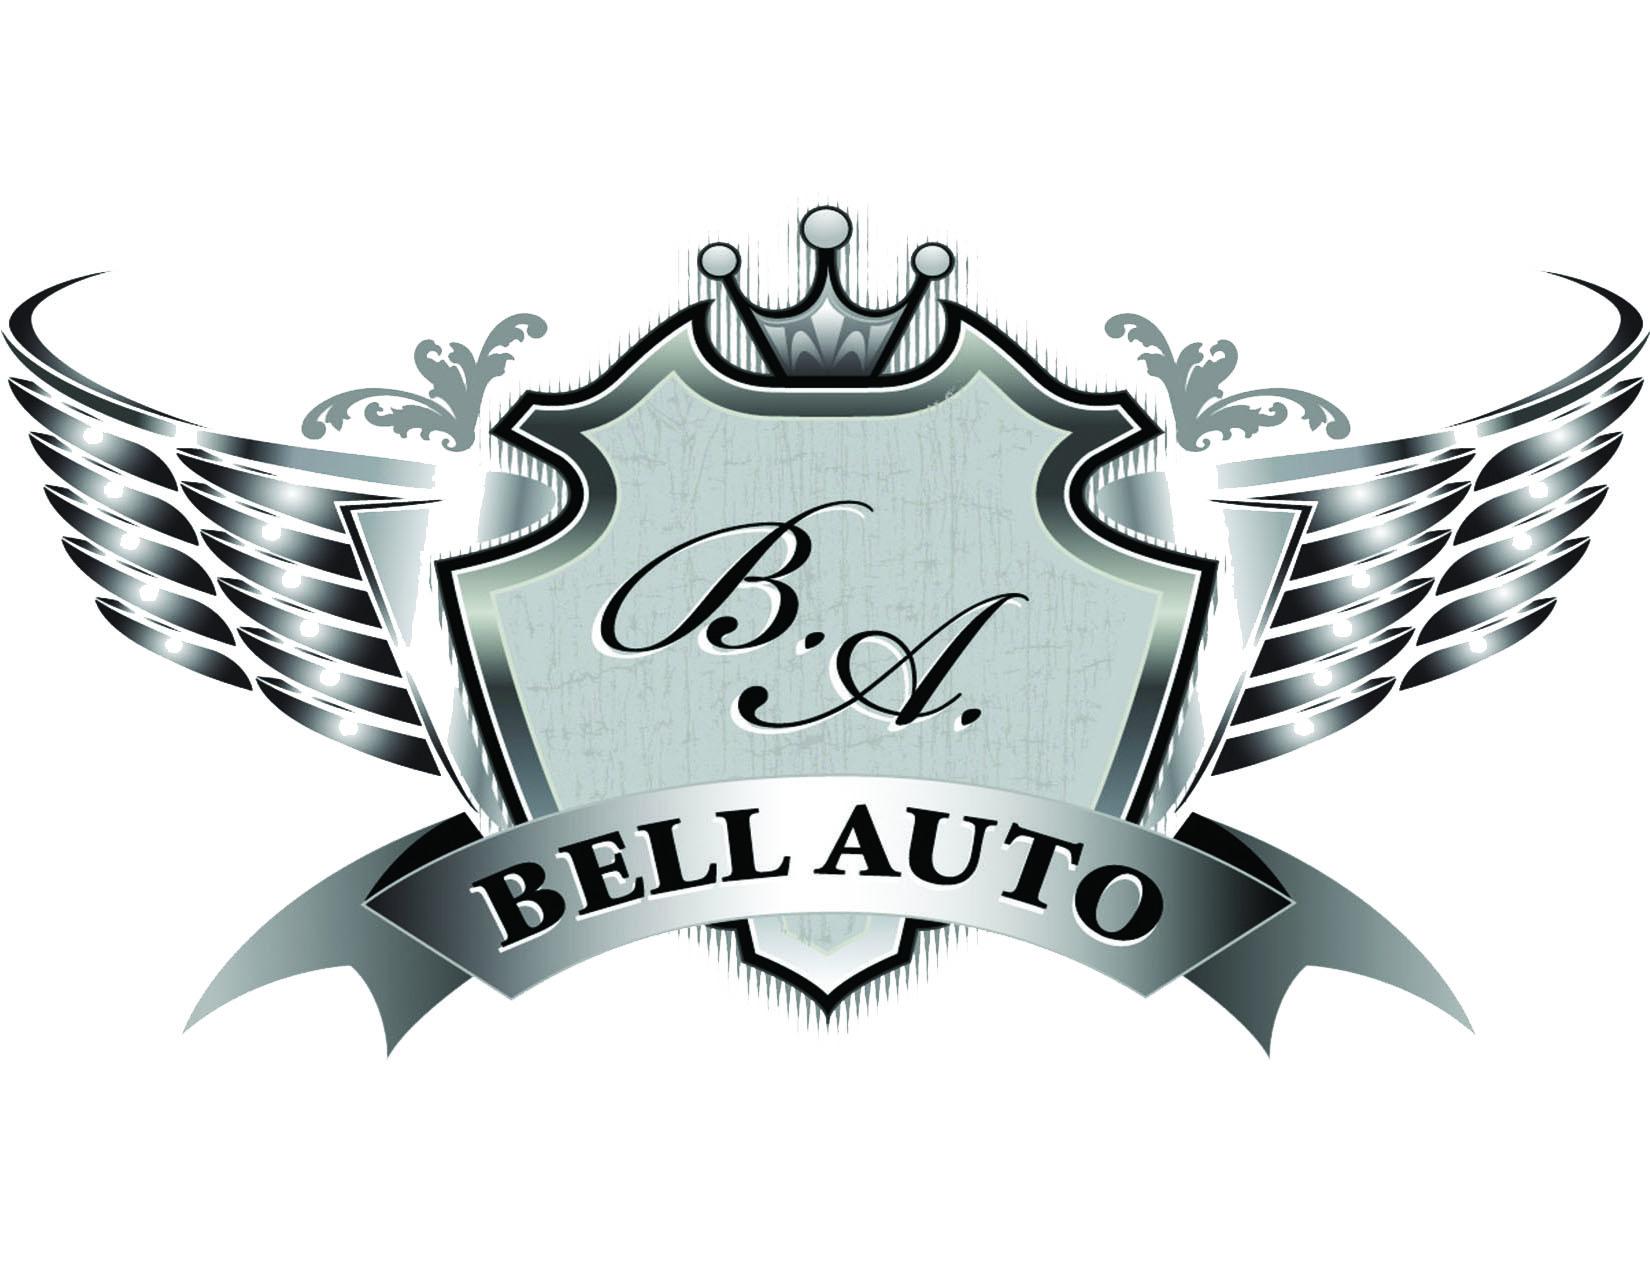 www.bellauto.ca